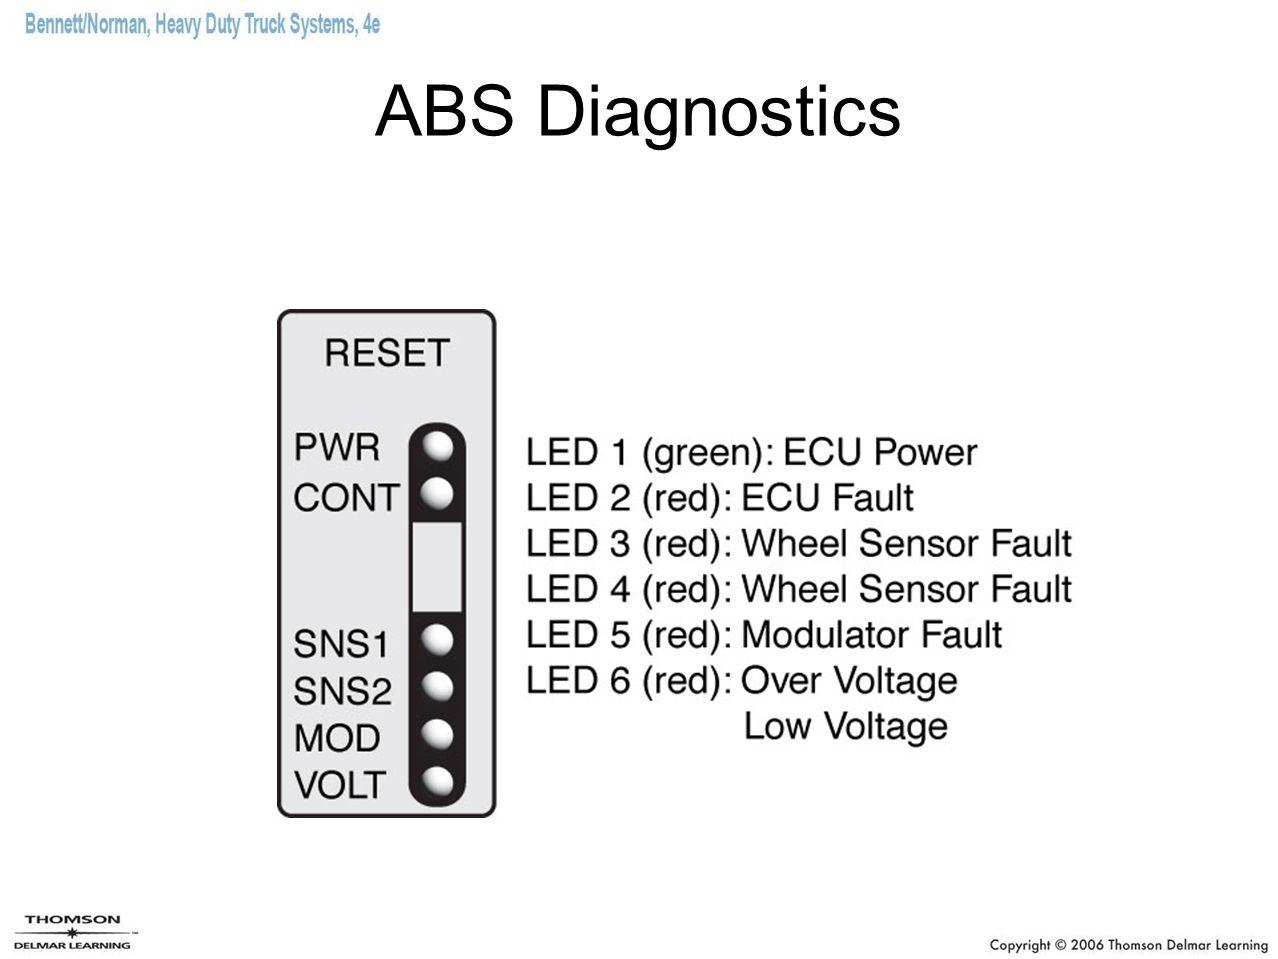 ABS Diagnostics